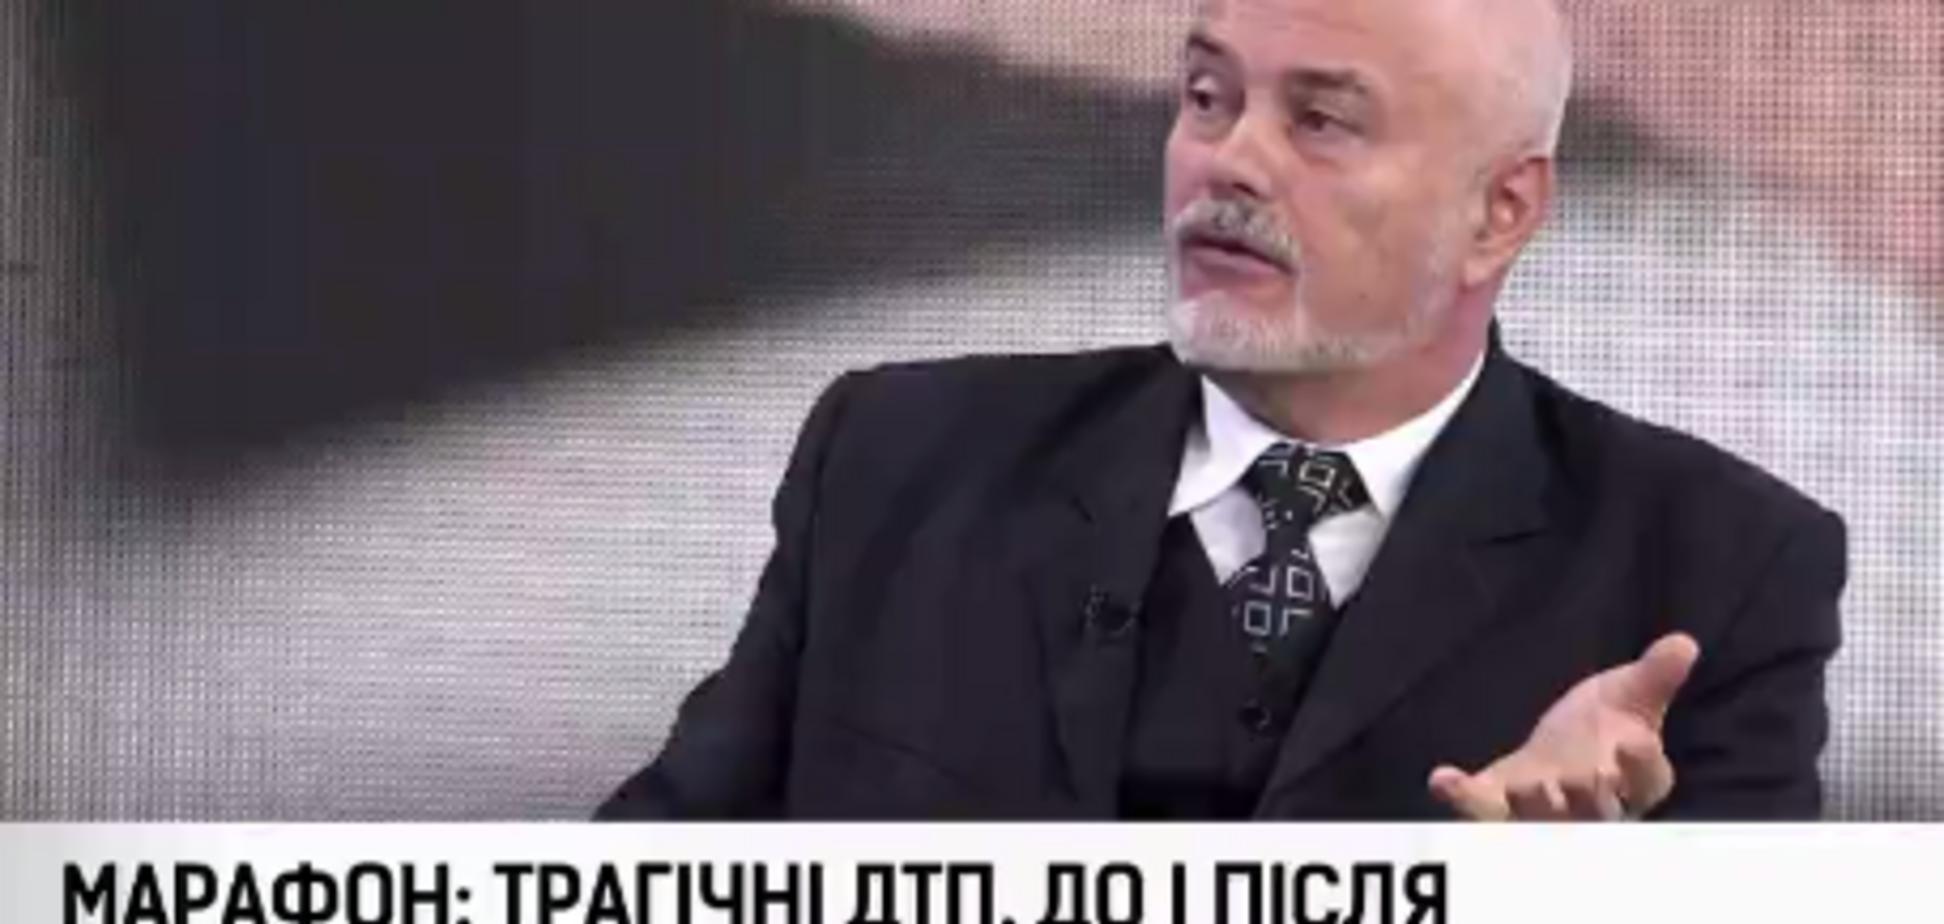 Накажут ли Зайцеву? Правозащитник дал неутешительный прогноз